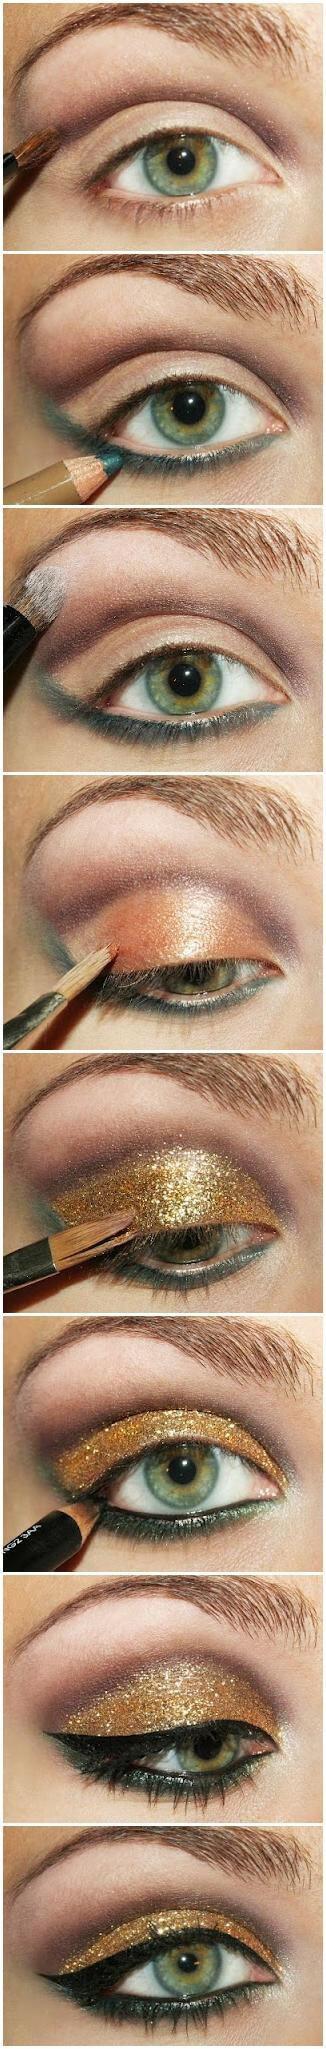 Идеи макияжа для зеленых глаз - 06